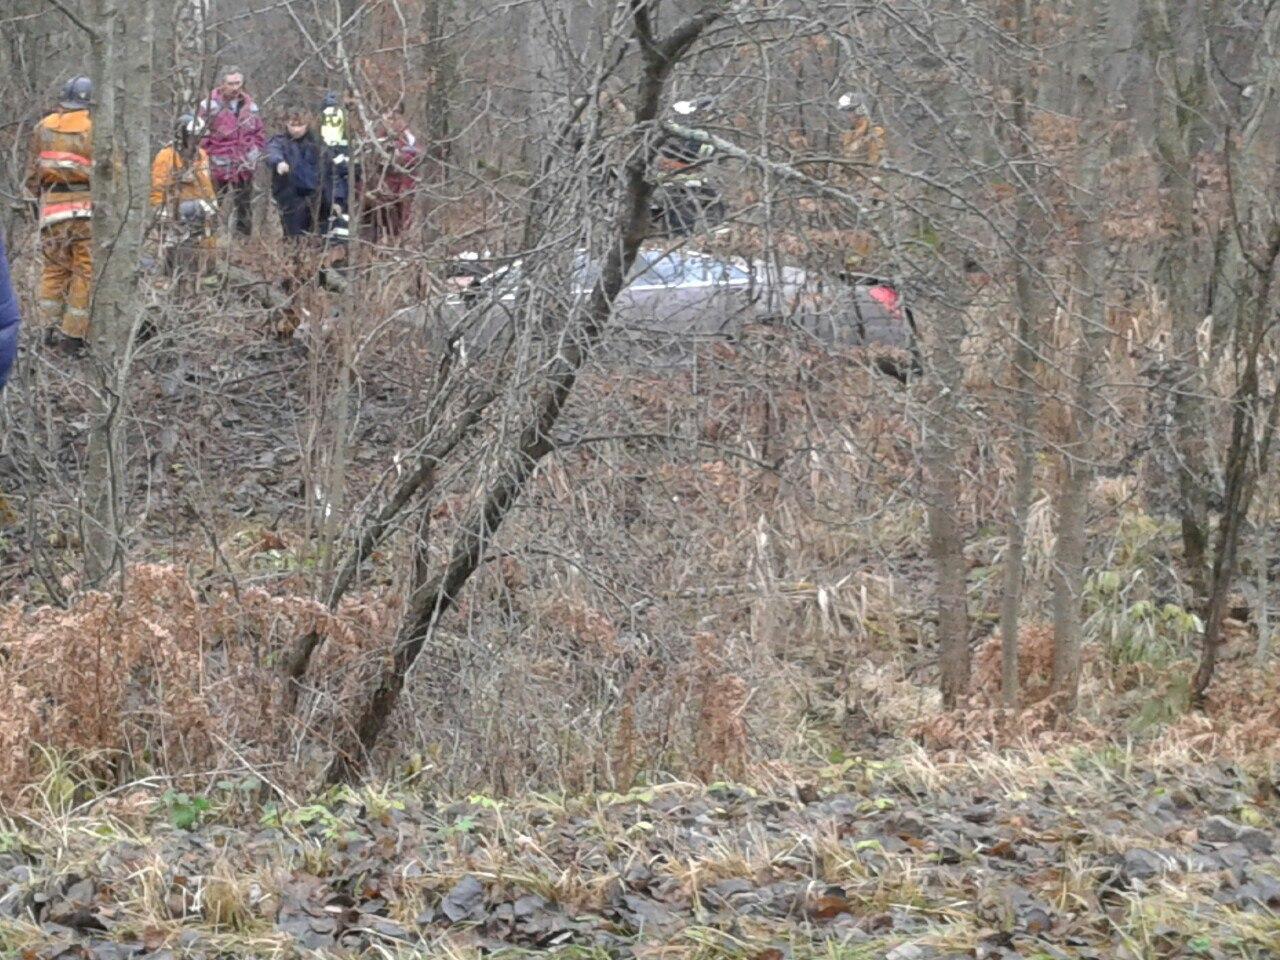 На трассе P128 Mercedes вылетел с дороги, трое погибших из Ольшан